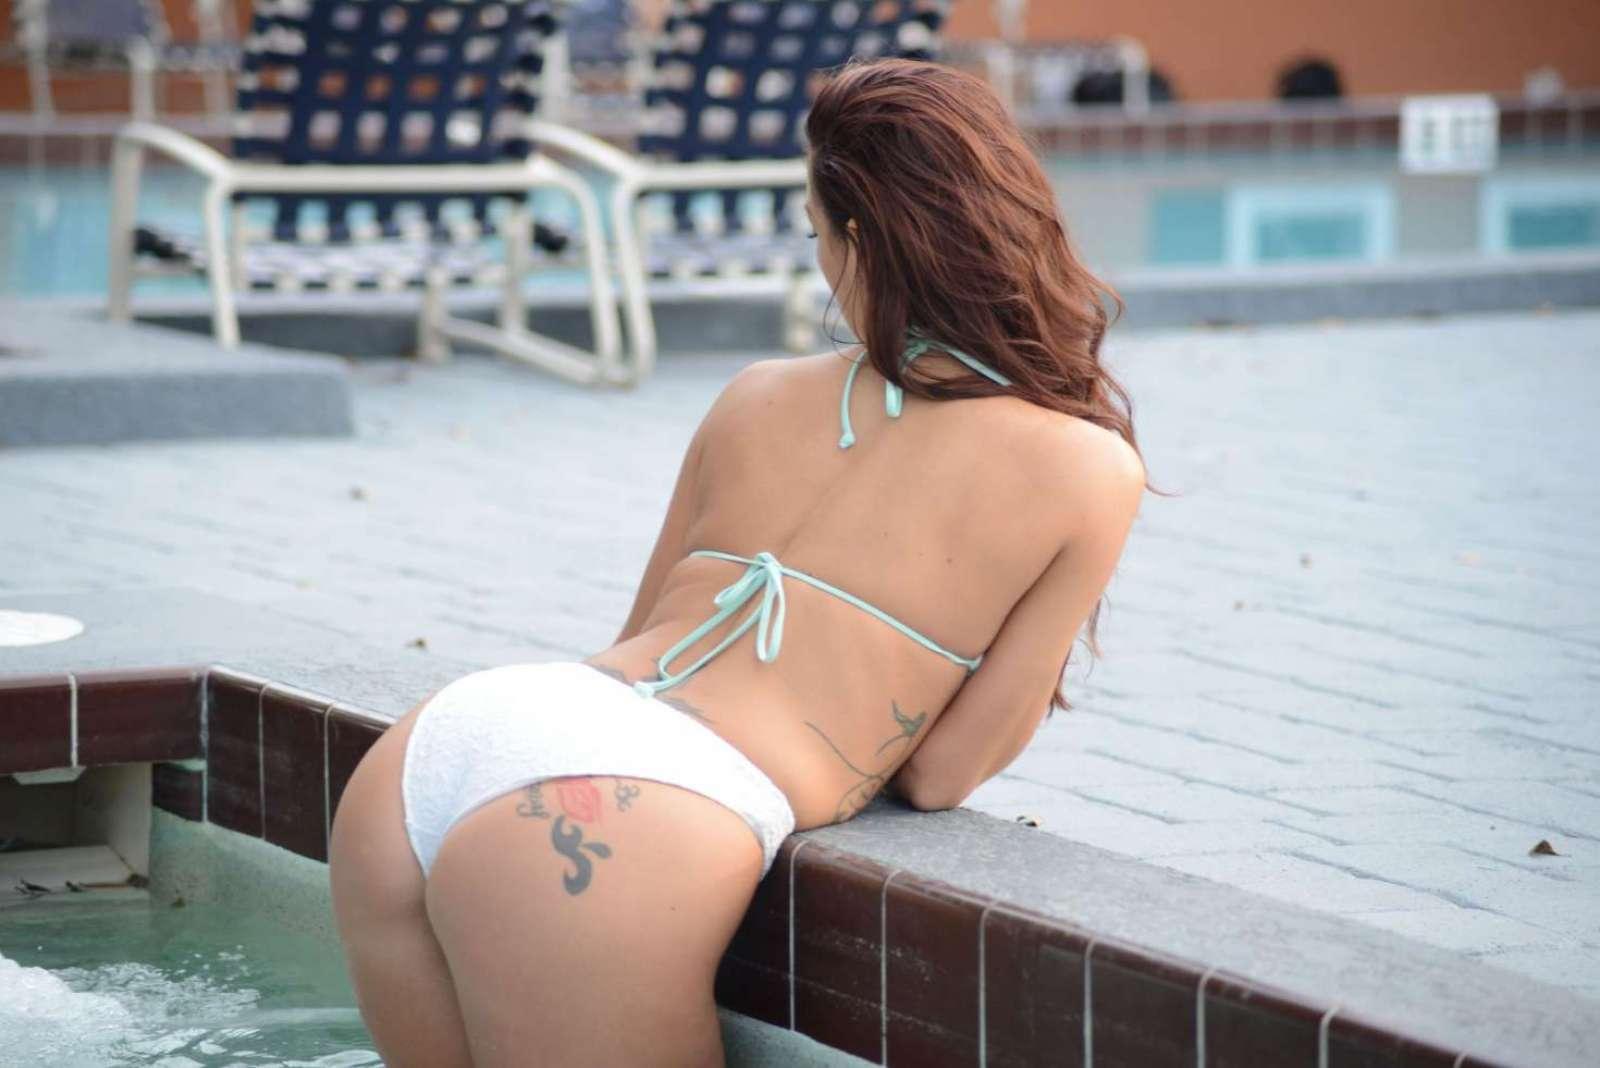 Victoria Banxxx Nude Photos 61